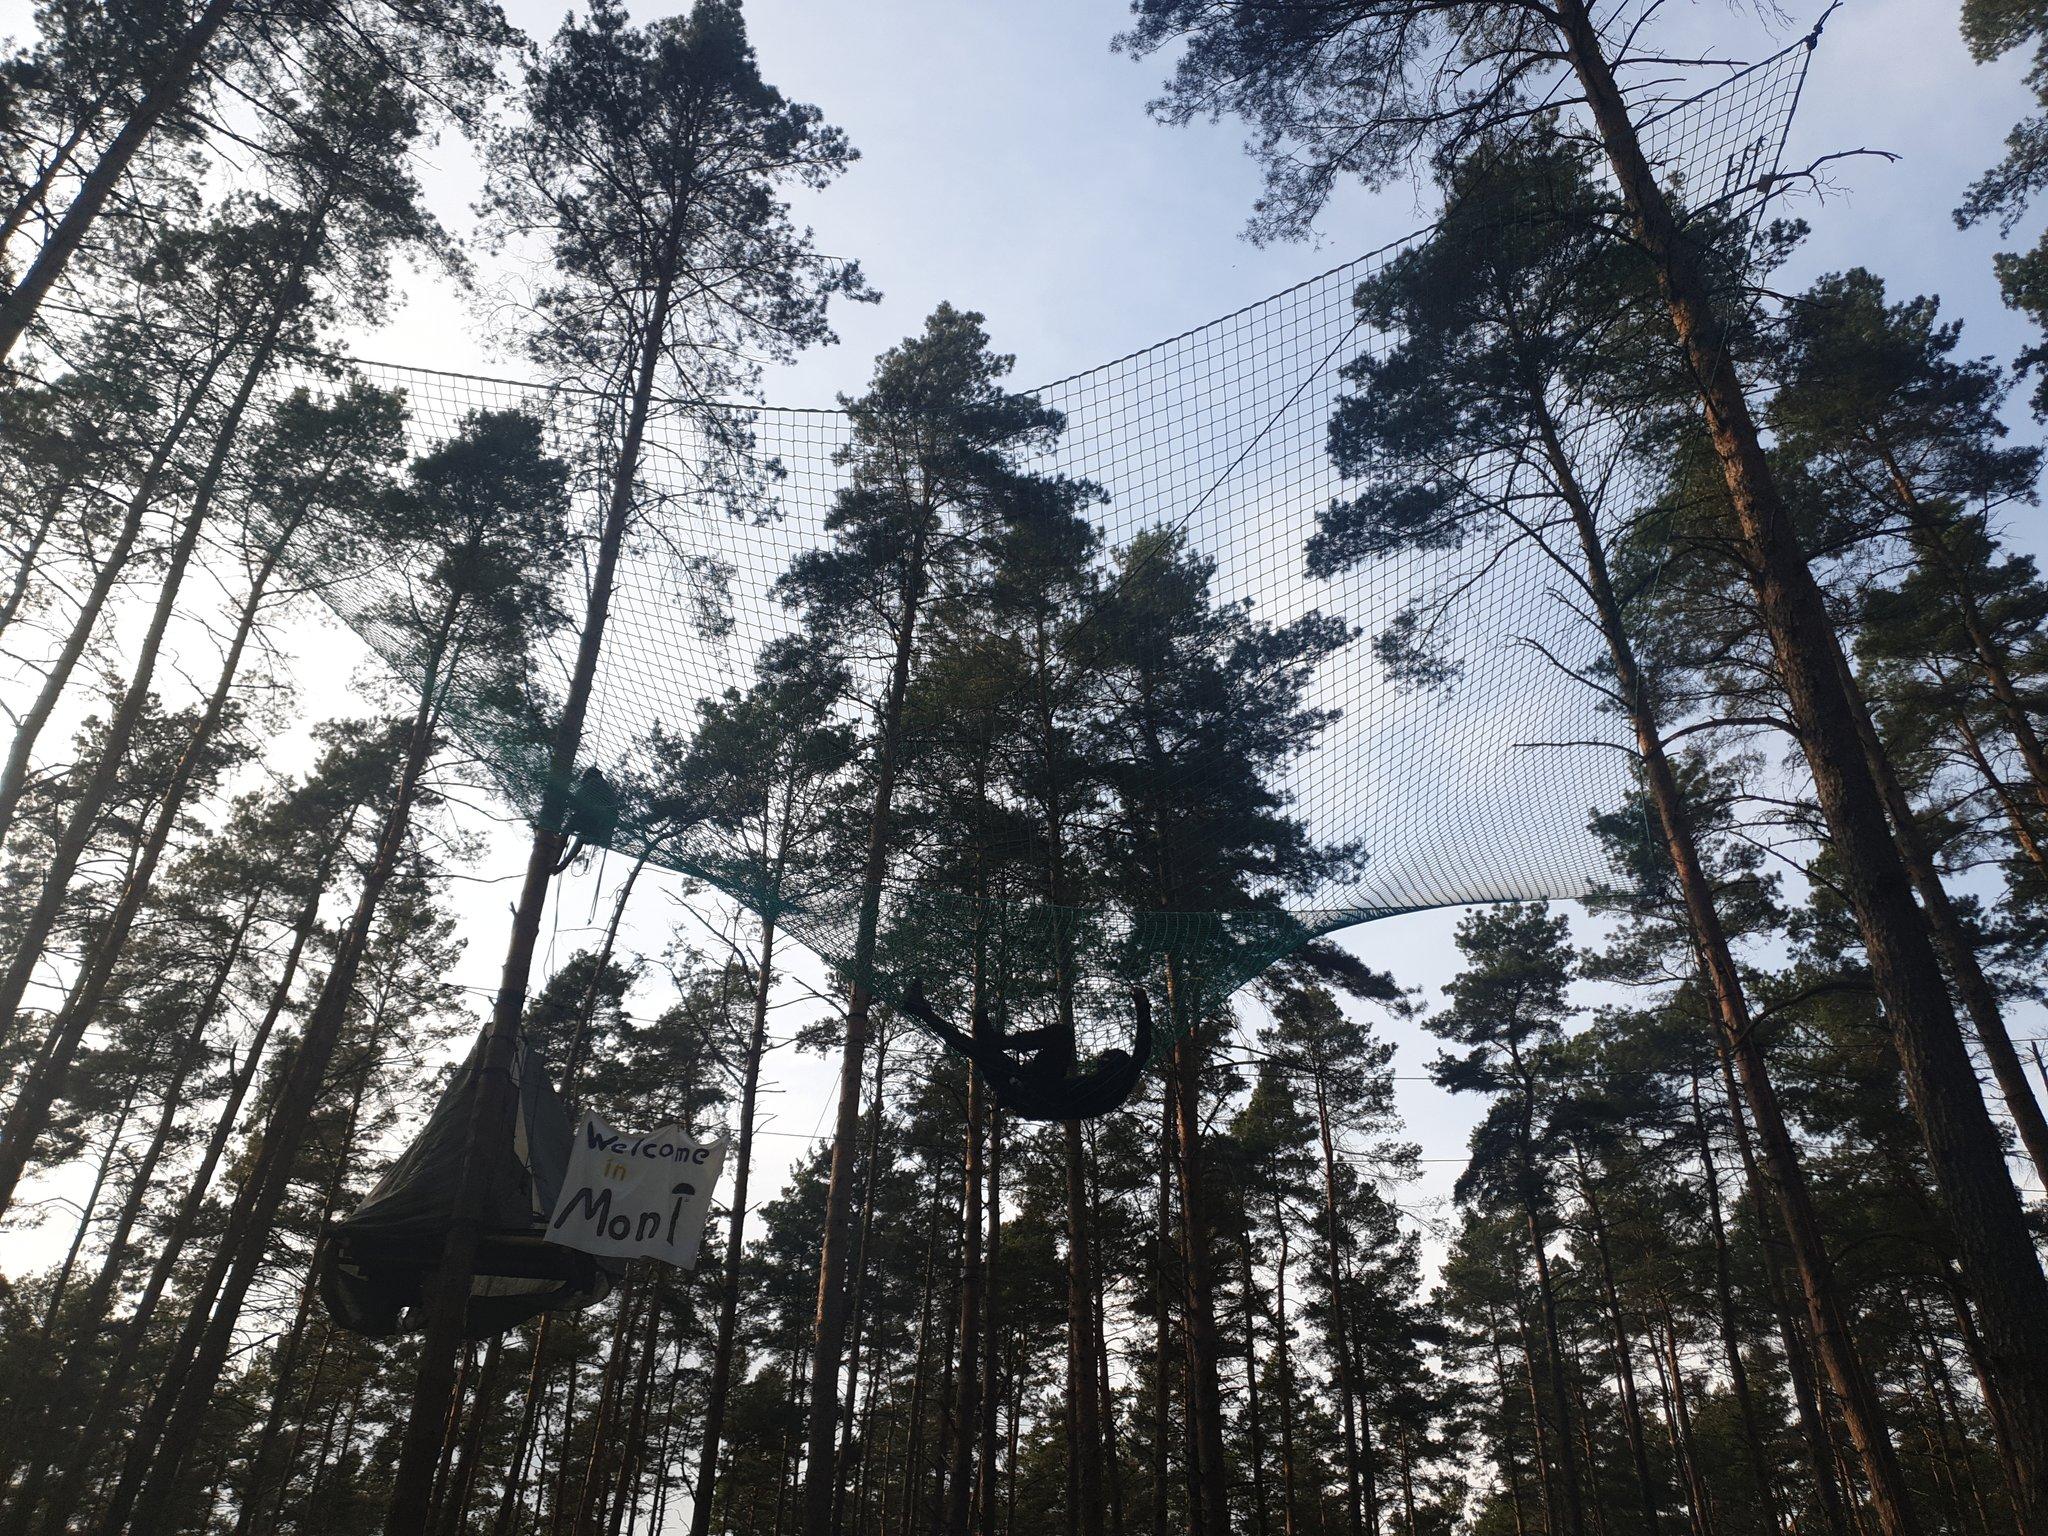 Das Bild zeigt ein Netz im besetzten Wald Moni Bleibt